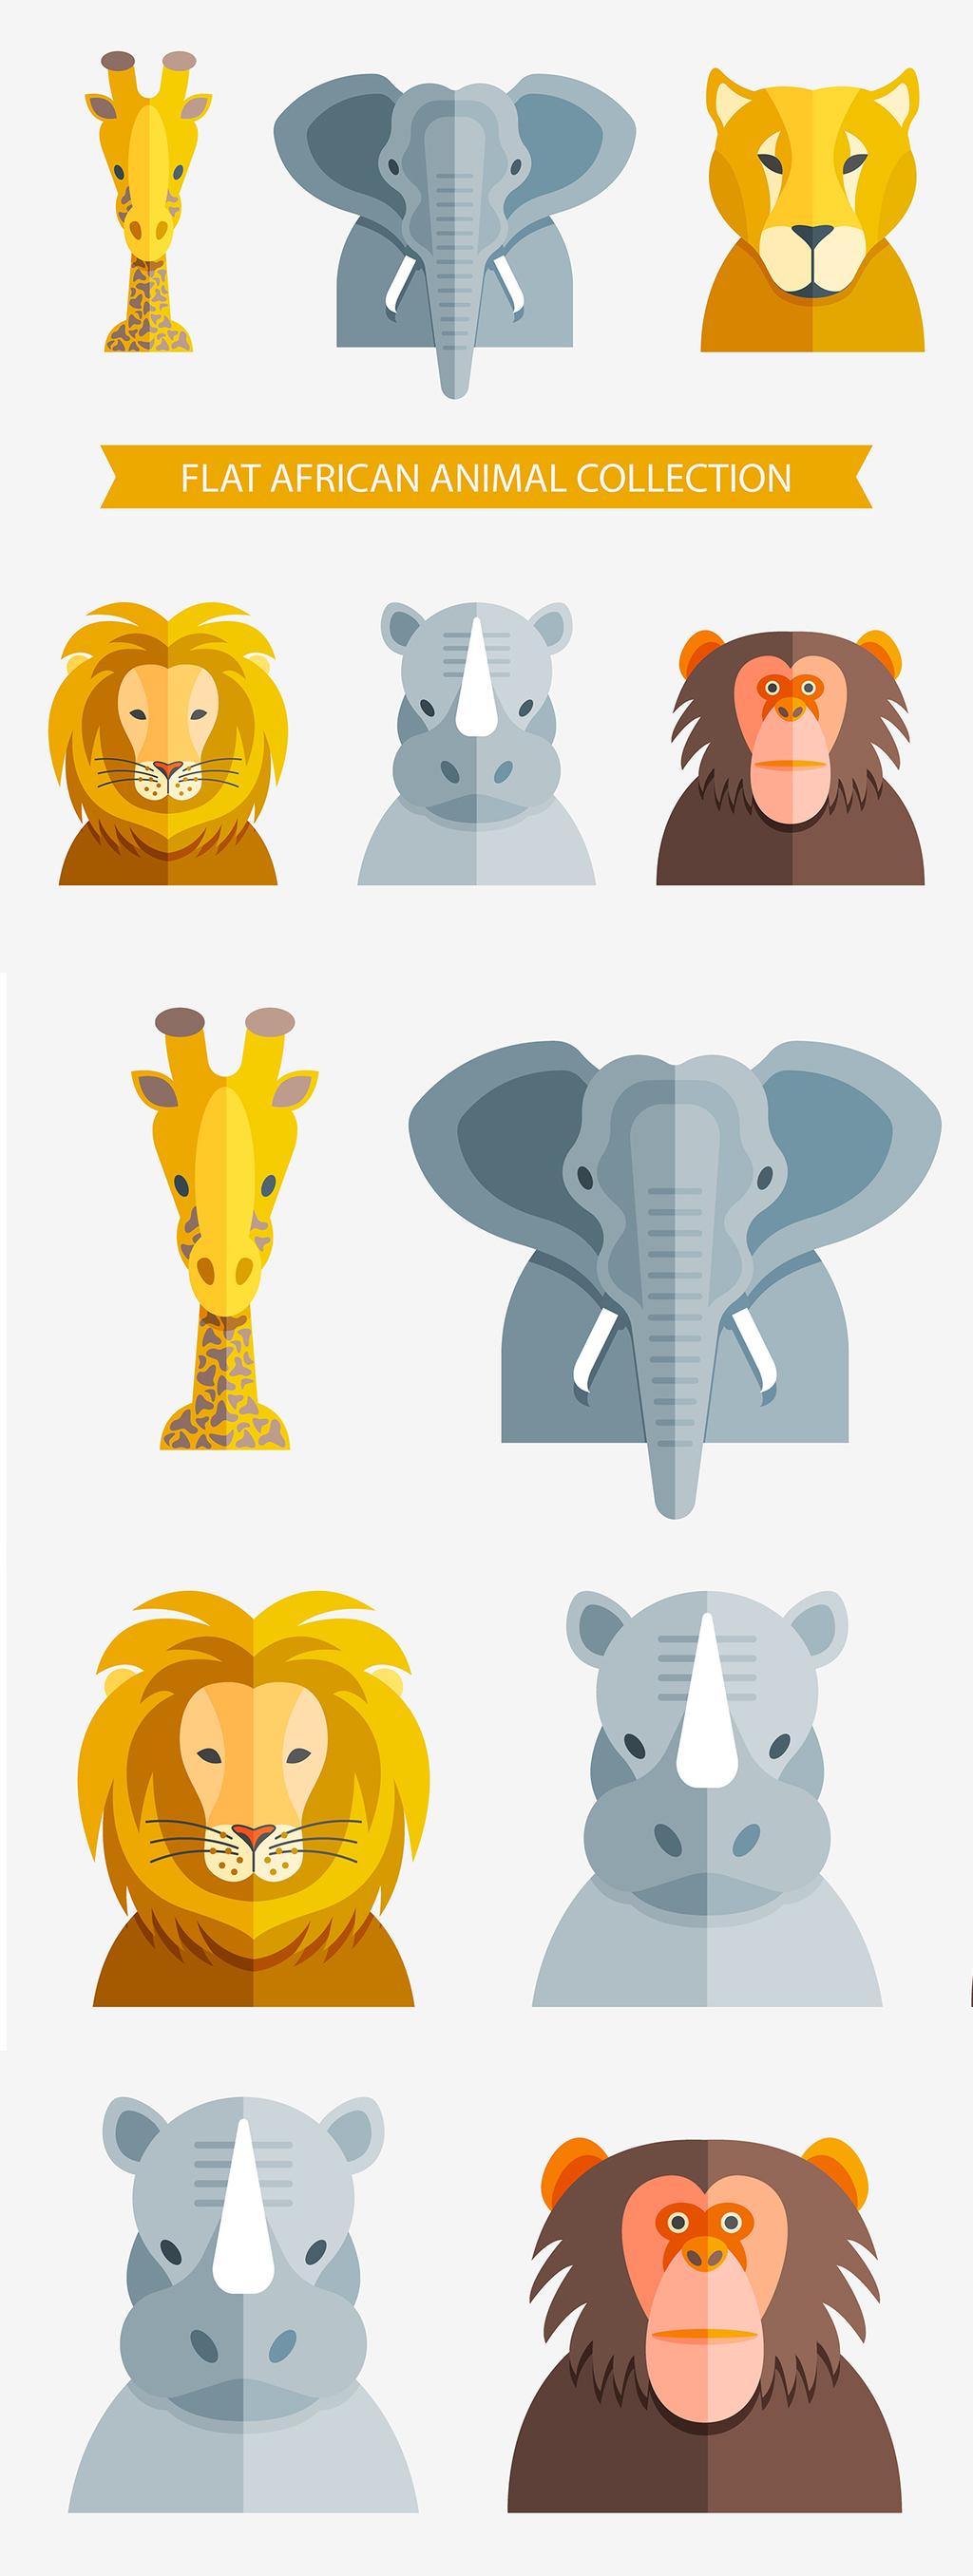 扁平化卡通非洲动物头像矢量素材